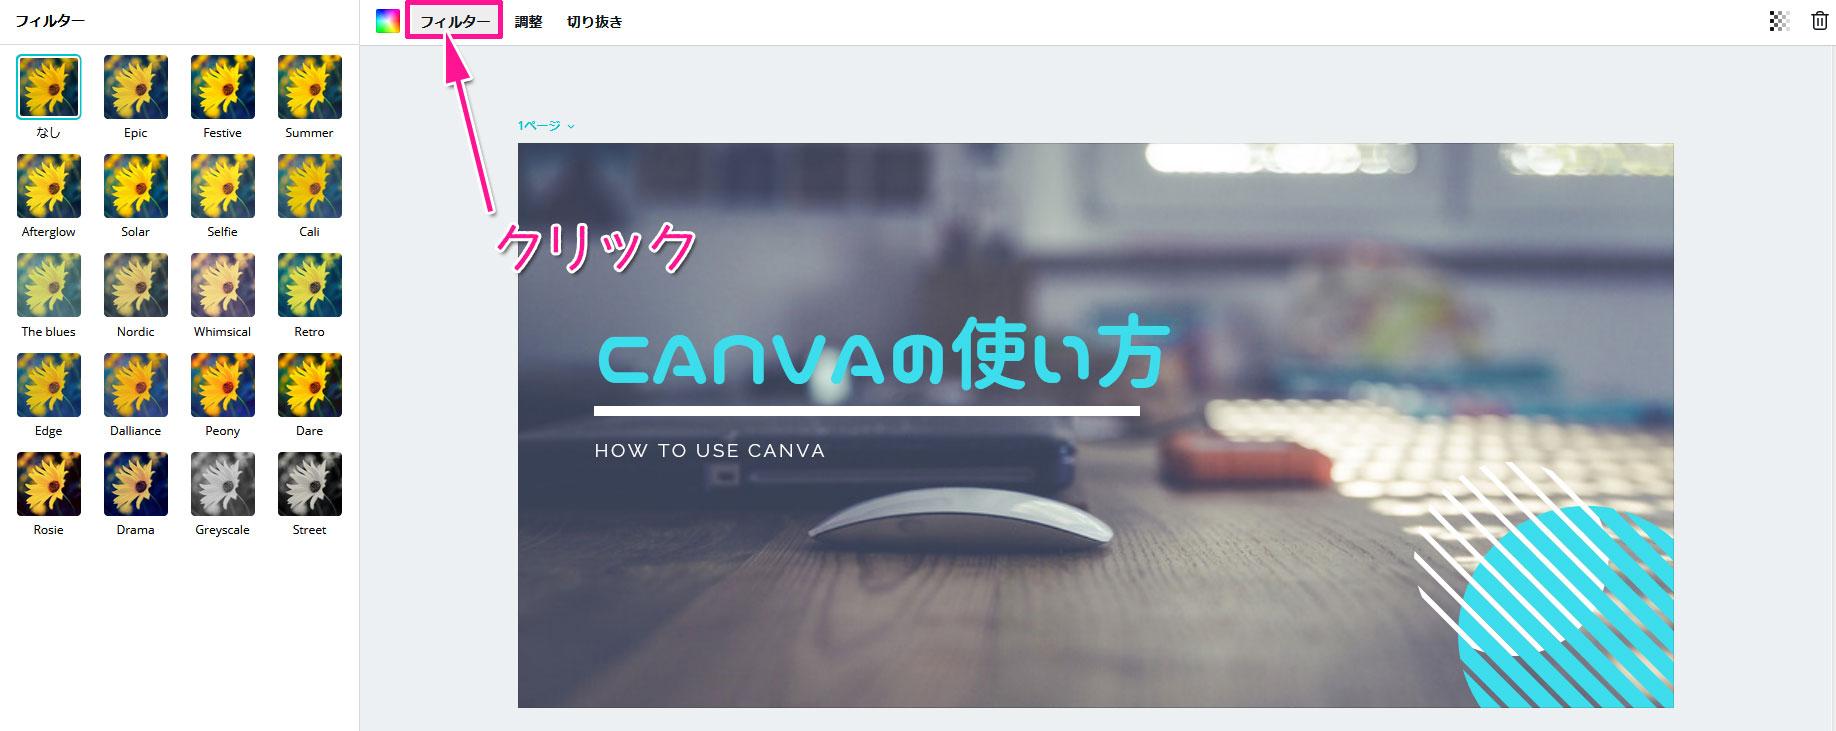 canva 使い方